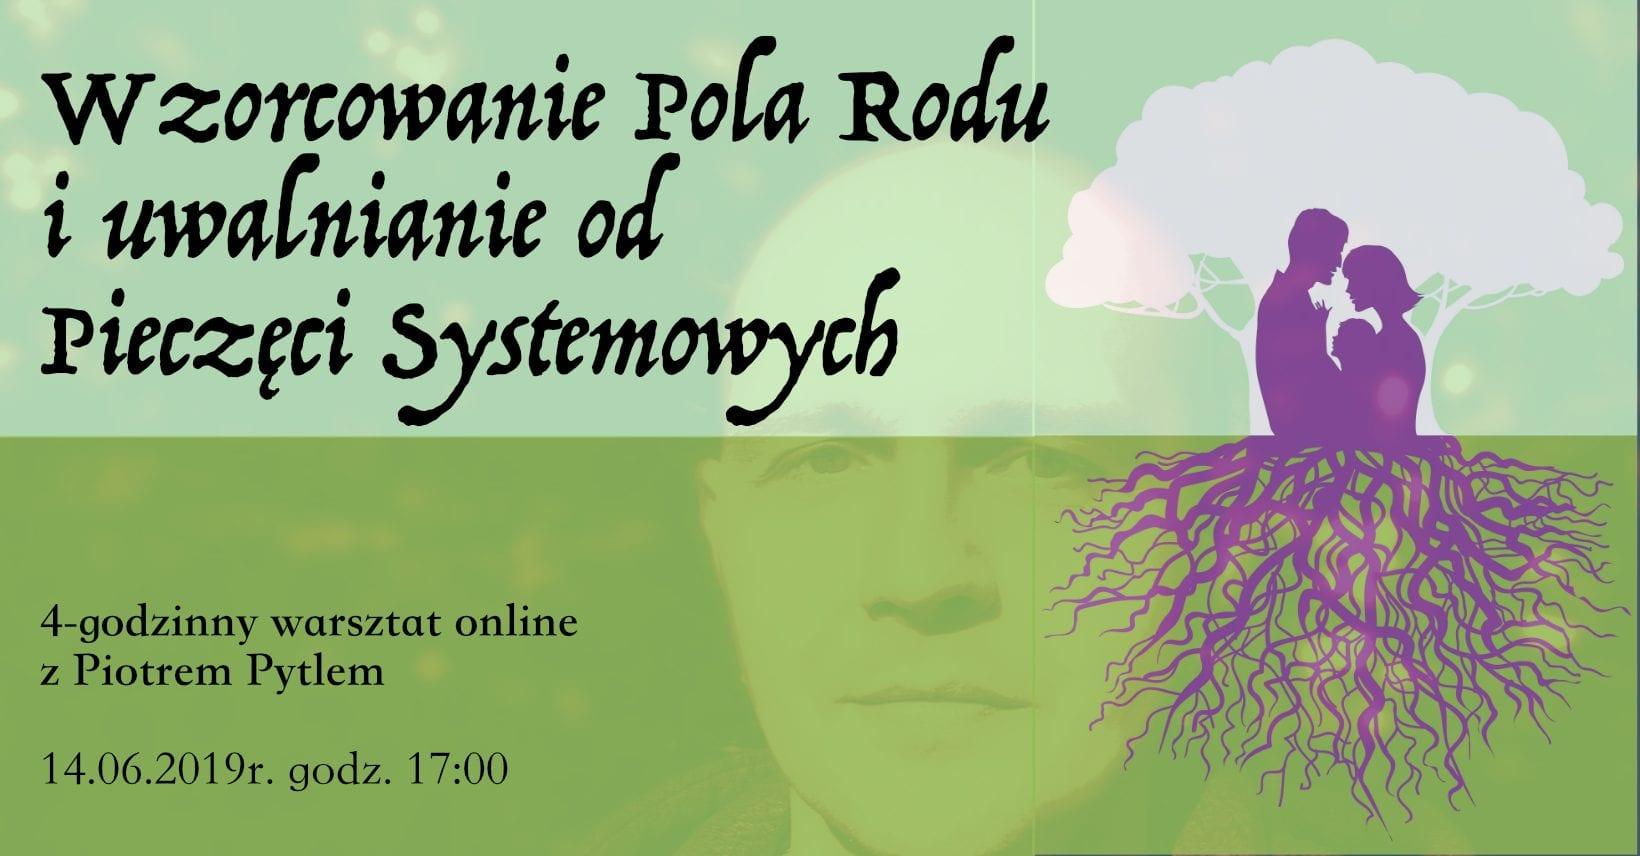 Wzorcowanie Pola Rodu - Piotr Pytel